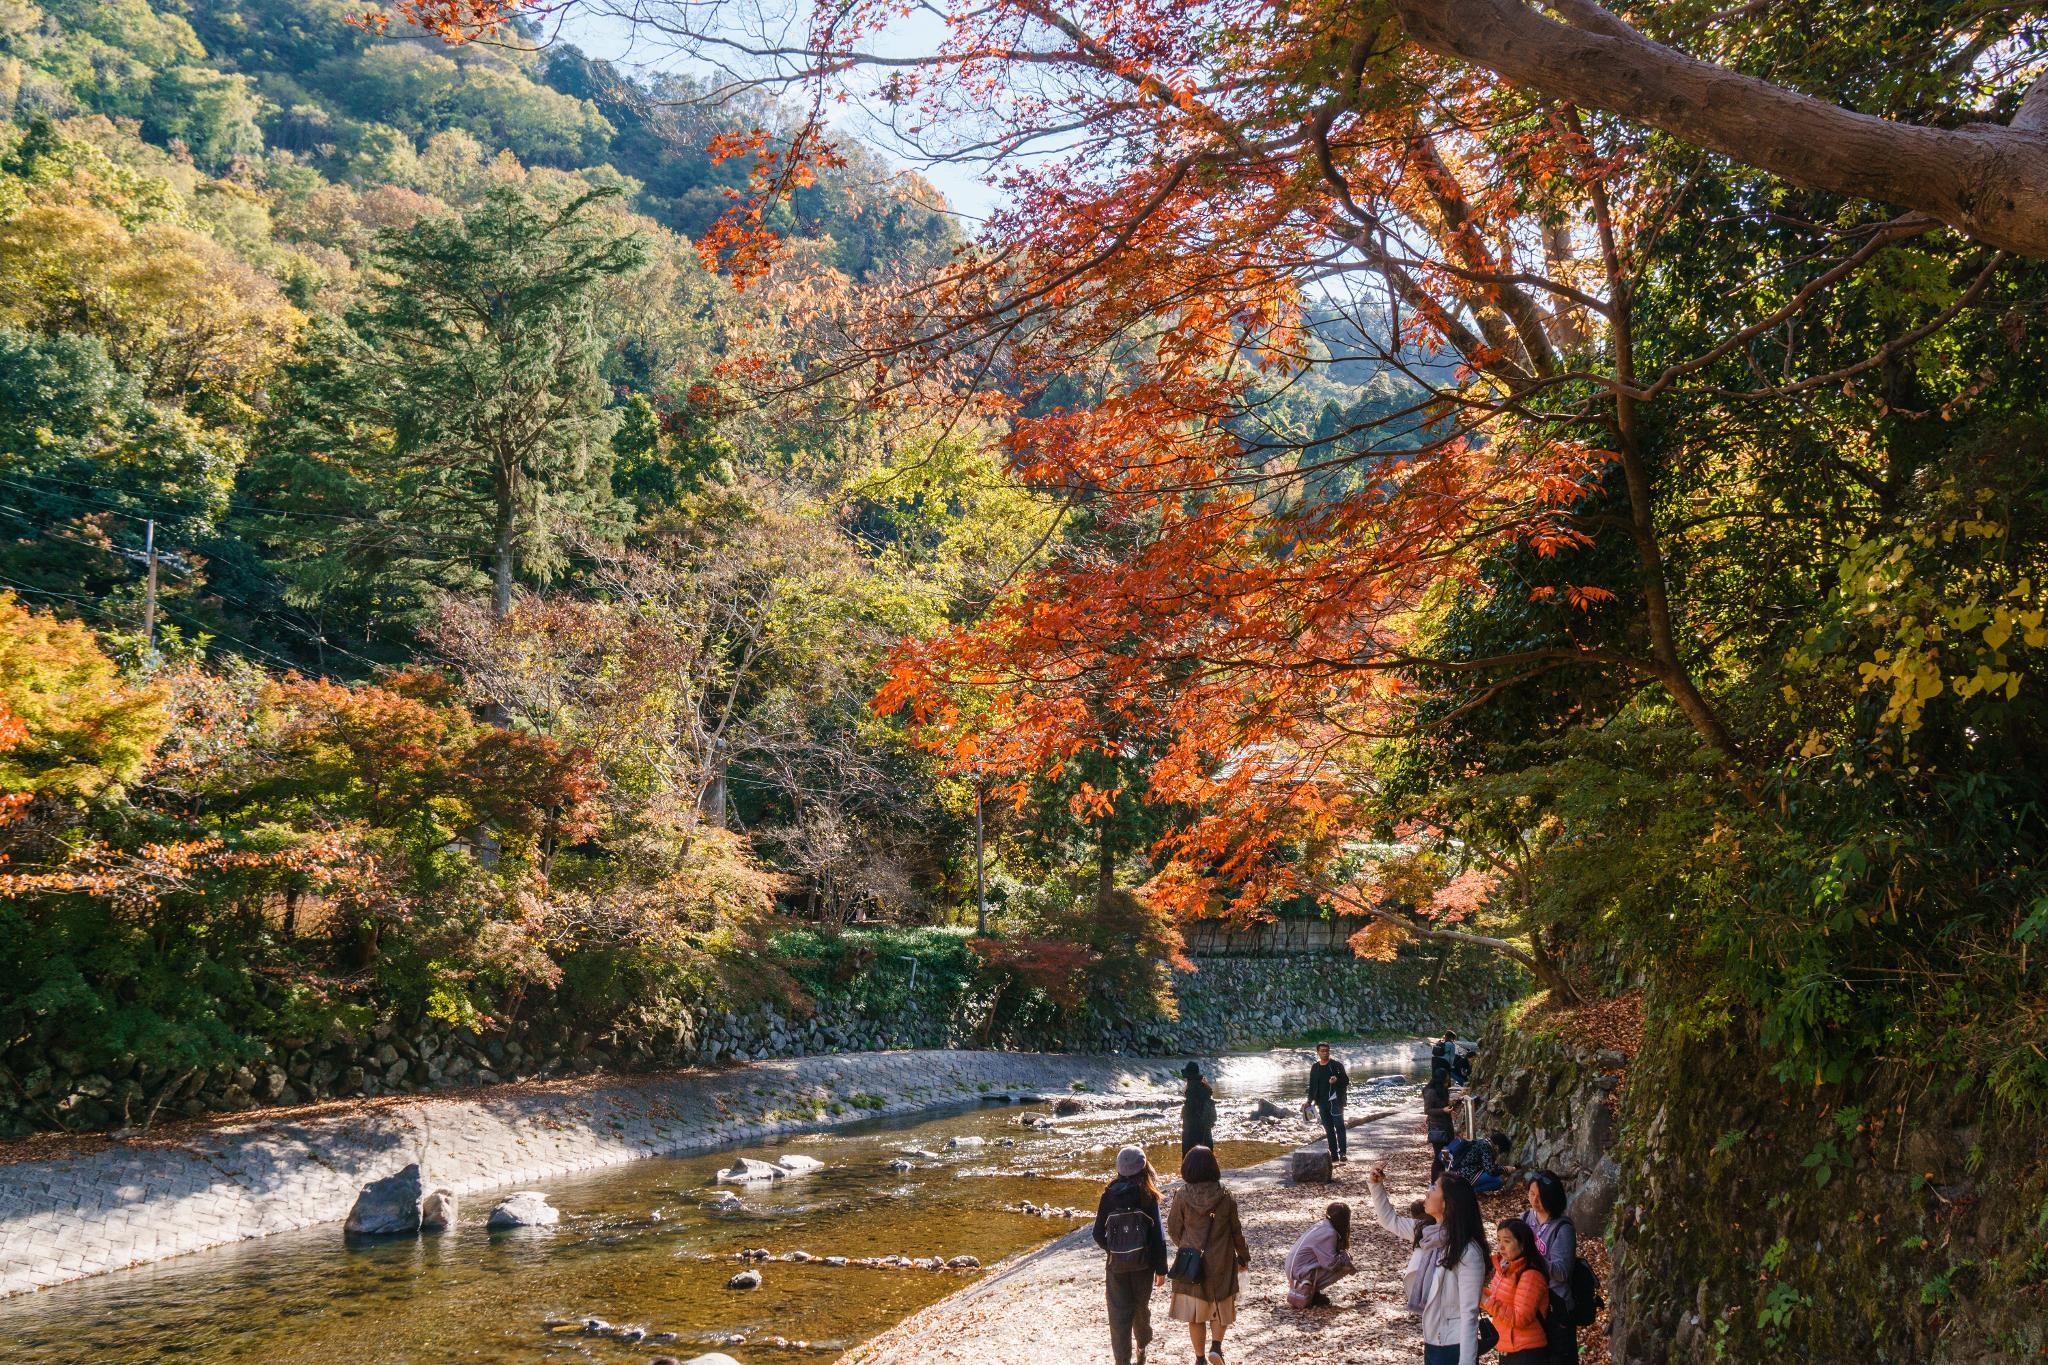 【京都】如夢似幻的琉璃光影 - 八瀨琉璃光院 72